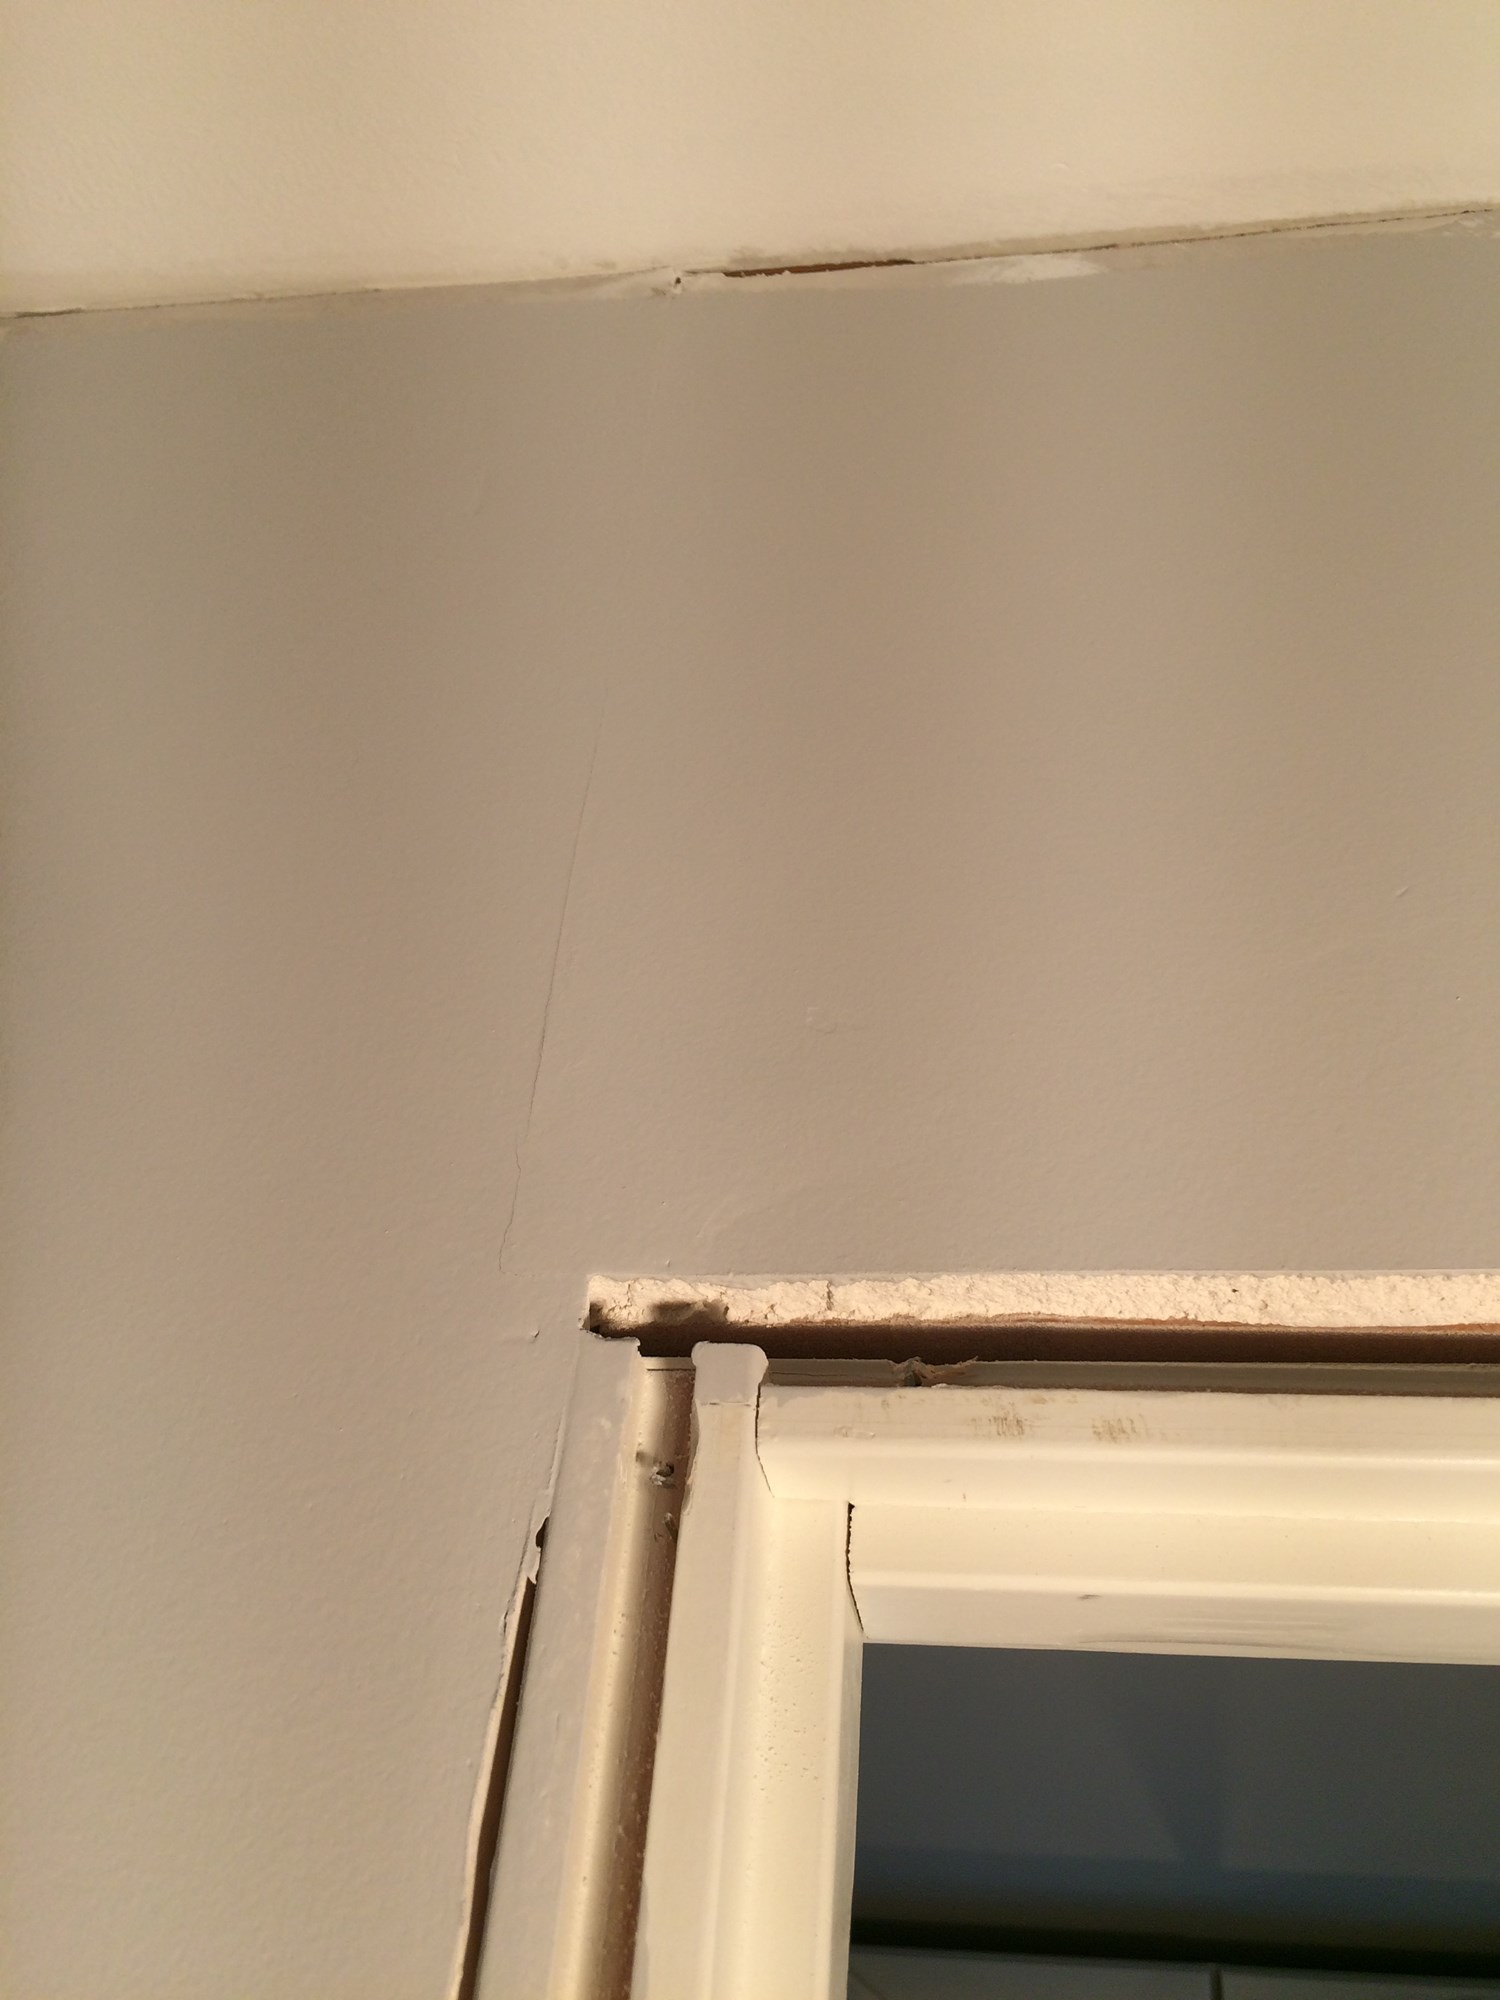 Renoveringsgipsplate brukes ved renovering og oppussing av eksisterende vegger som f.eks murpuss og plankevegger